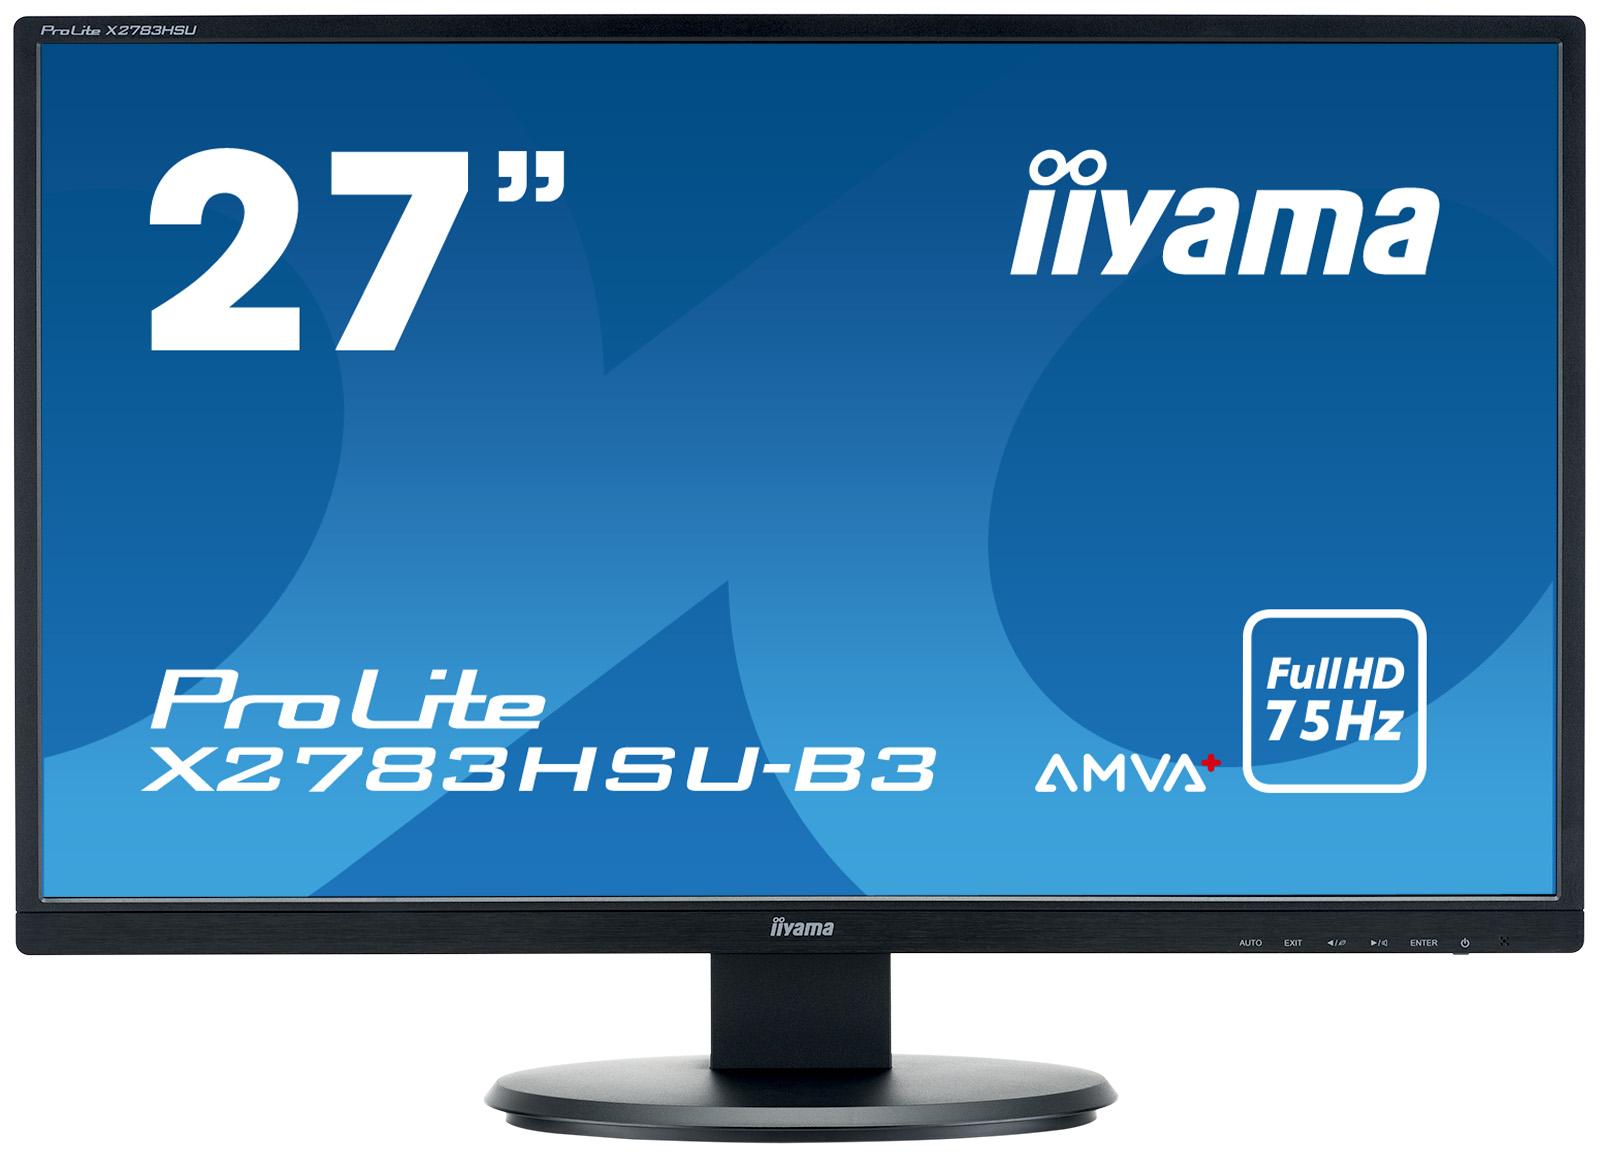 """27"""" LCD iiyama X2783HSU-B3 - AMVA+, 4ms, 300cd/ m2, 3000:1, FullHD, VGA, DP, HDMI, USB, repro"""